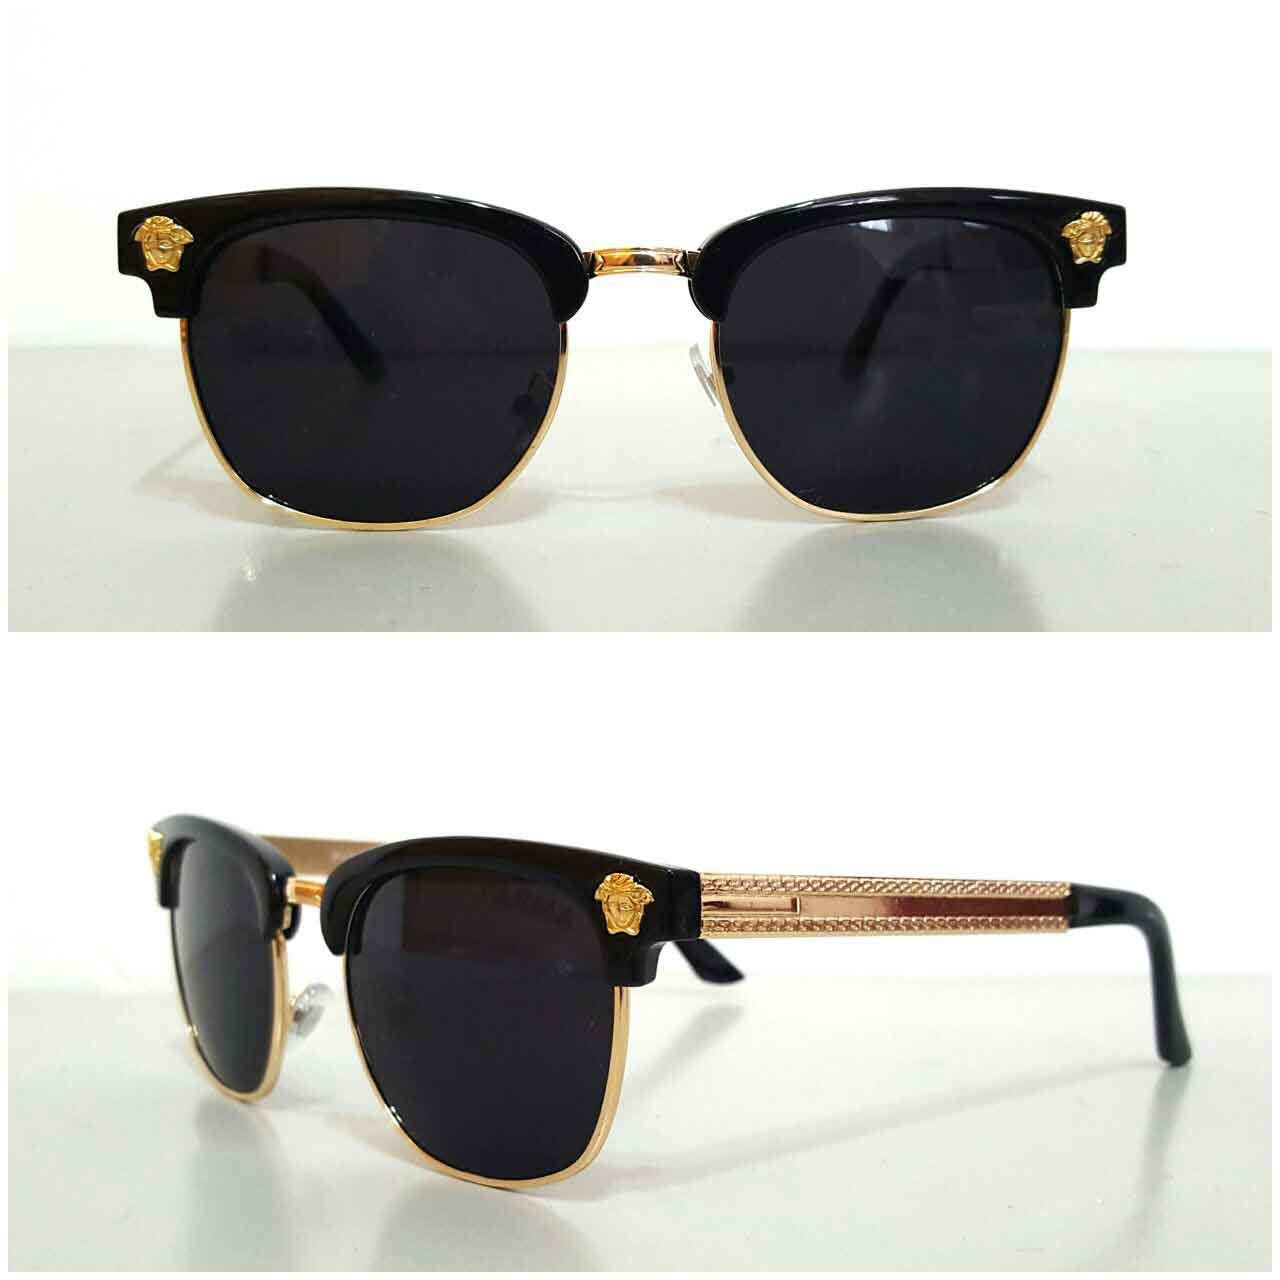 37130 998 - انواع عینک های آفتابی و نحوه شناخت عينك استاندارد